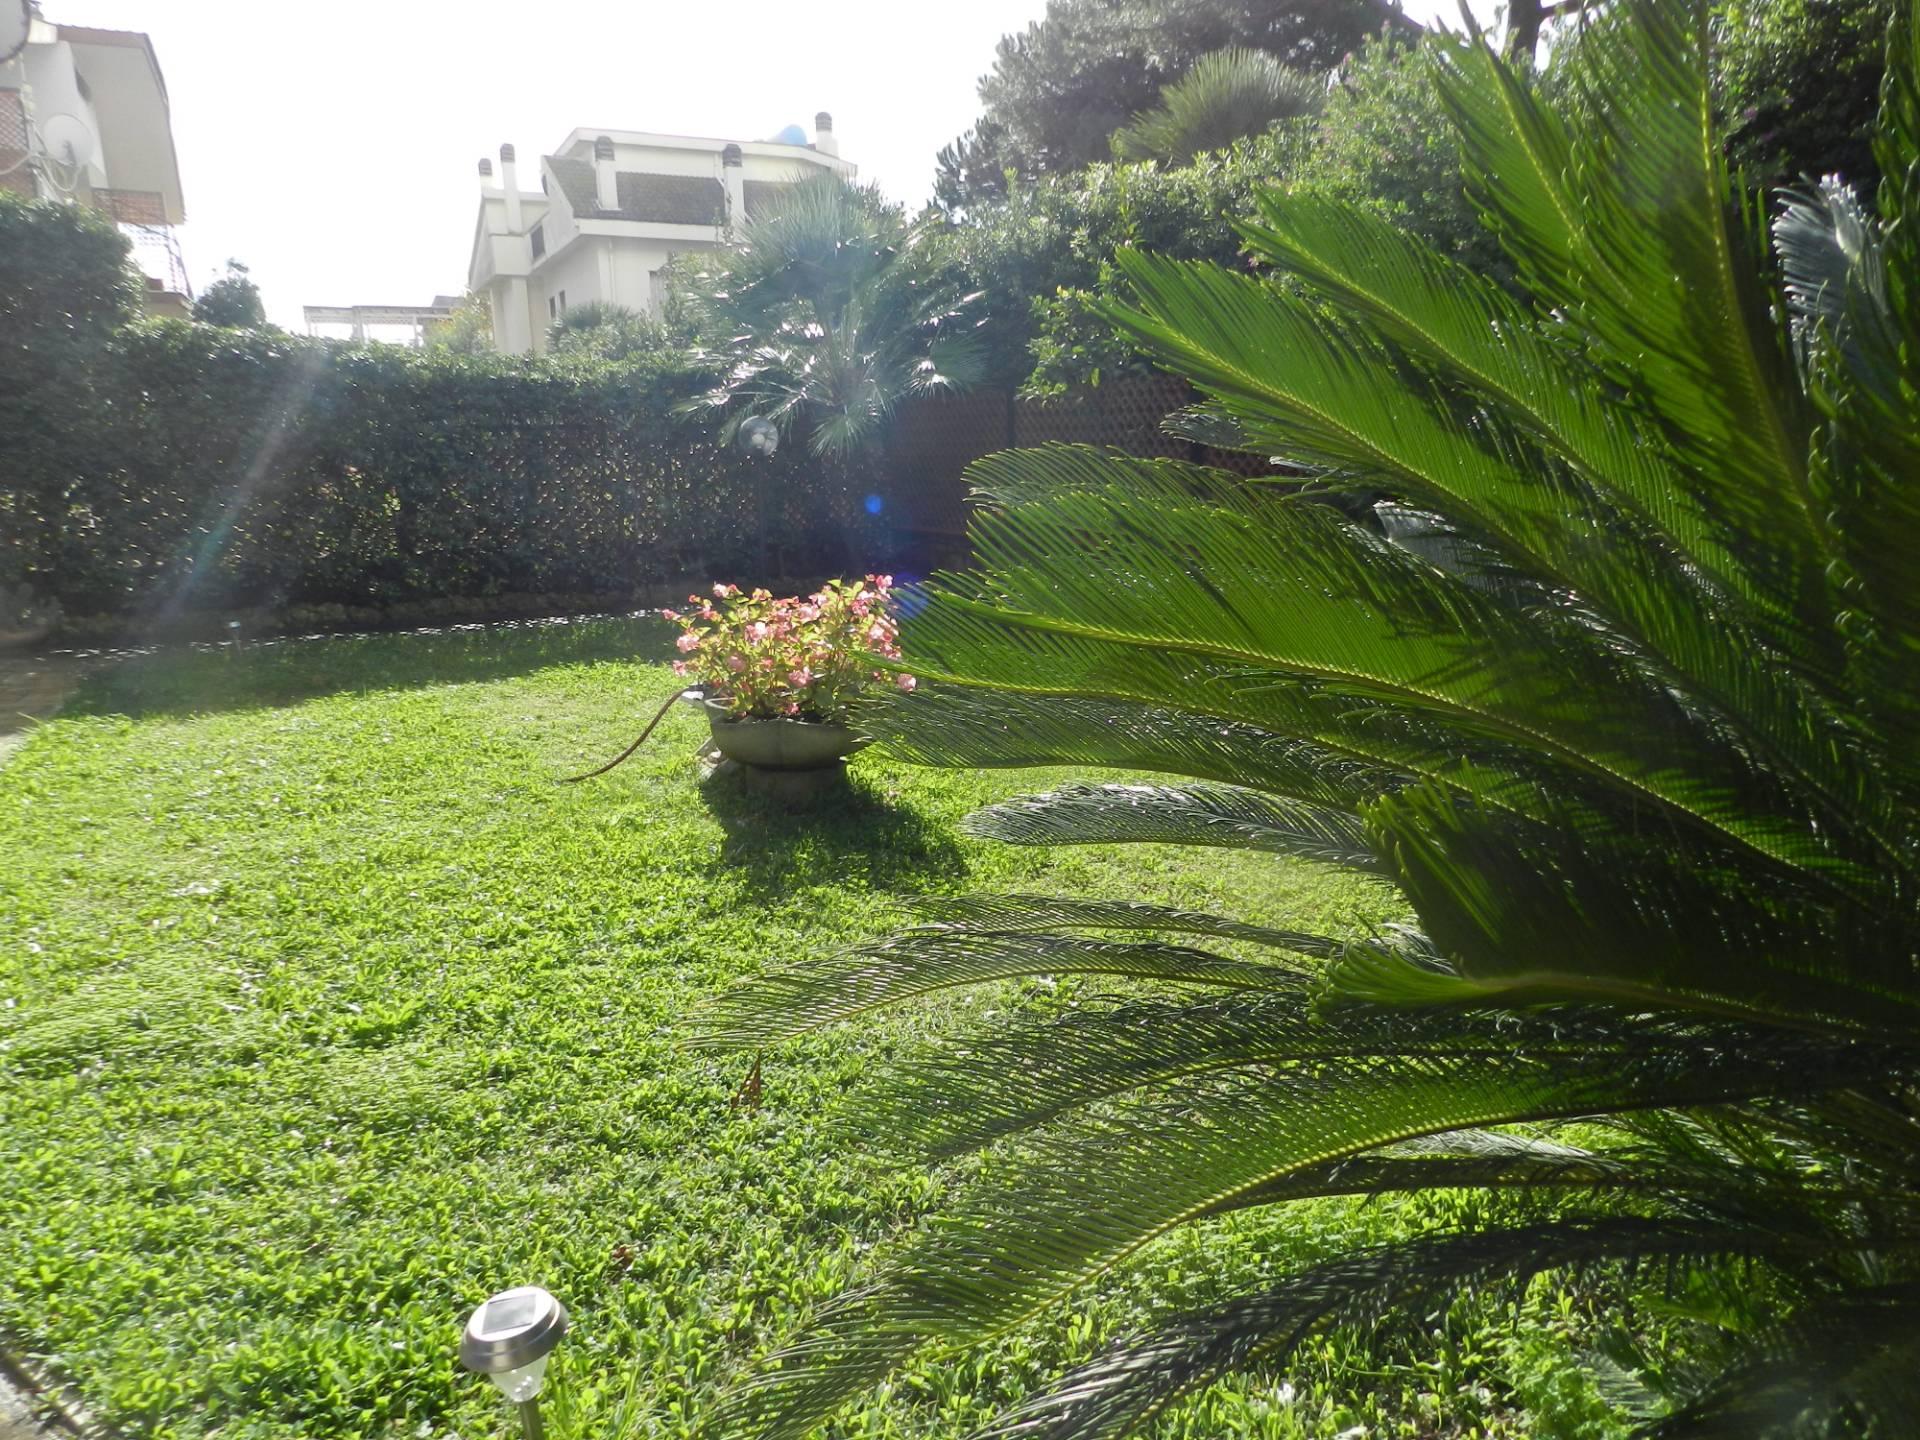 Appartamento in vendita a Santa Marinella, 3 locali, zona Località: Capolinaro, prezzo € 370.000 | CambioCasa.it